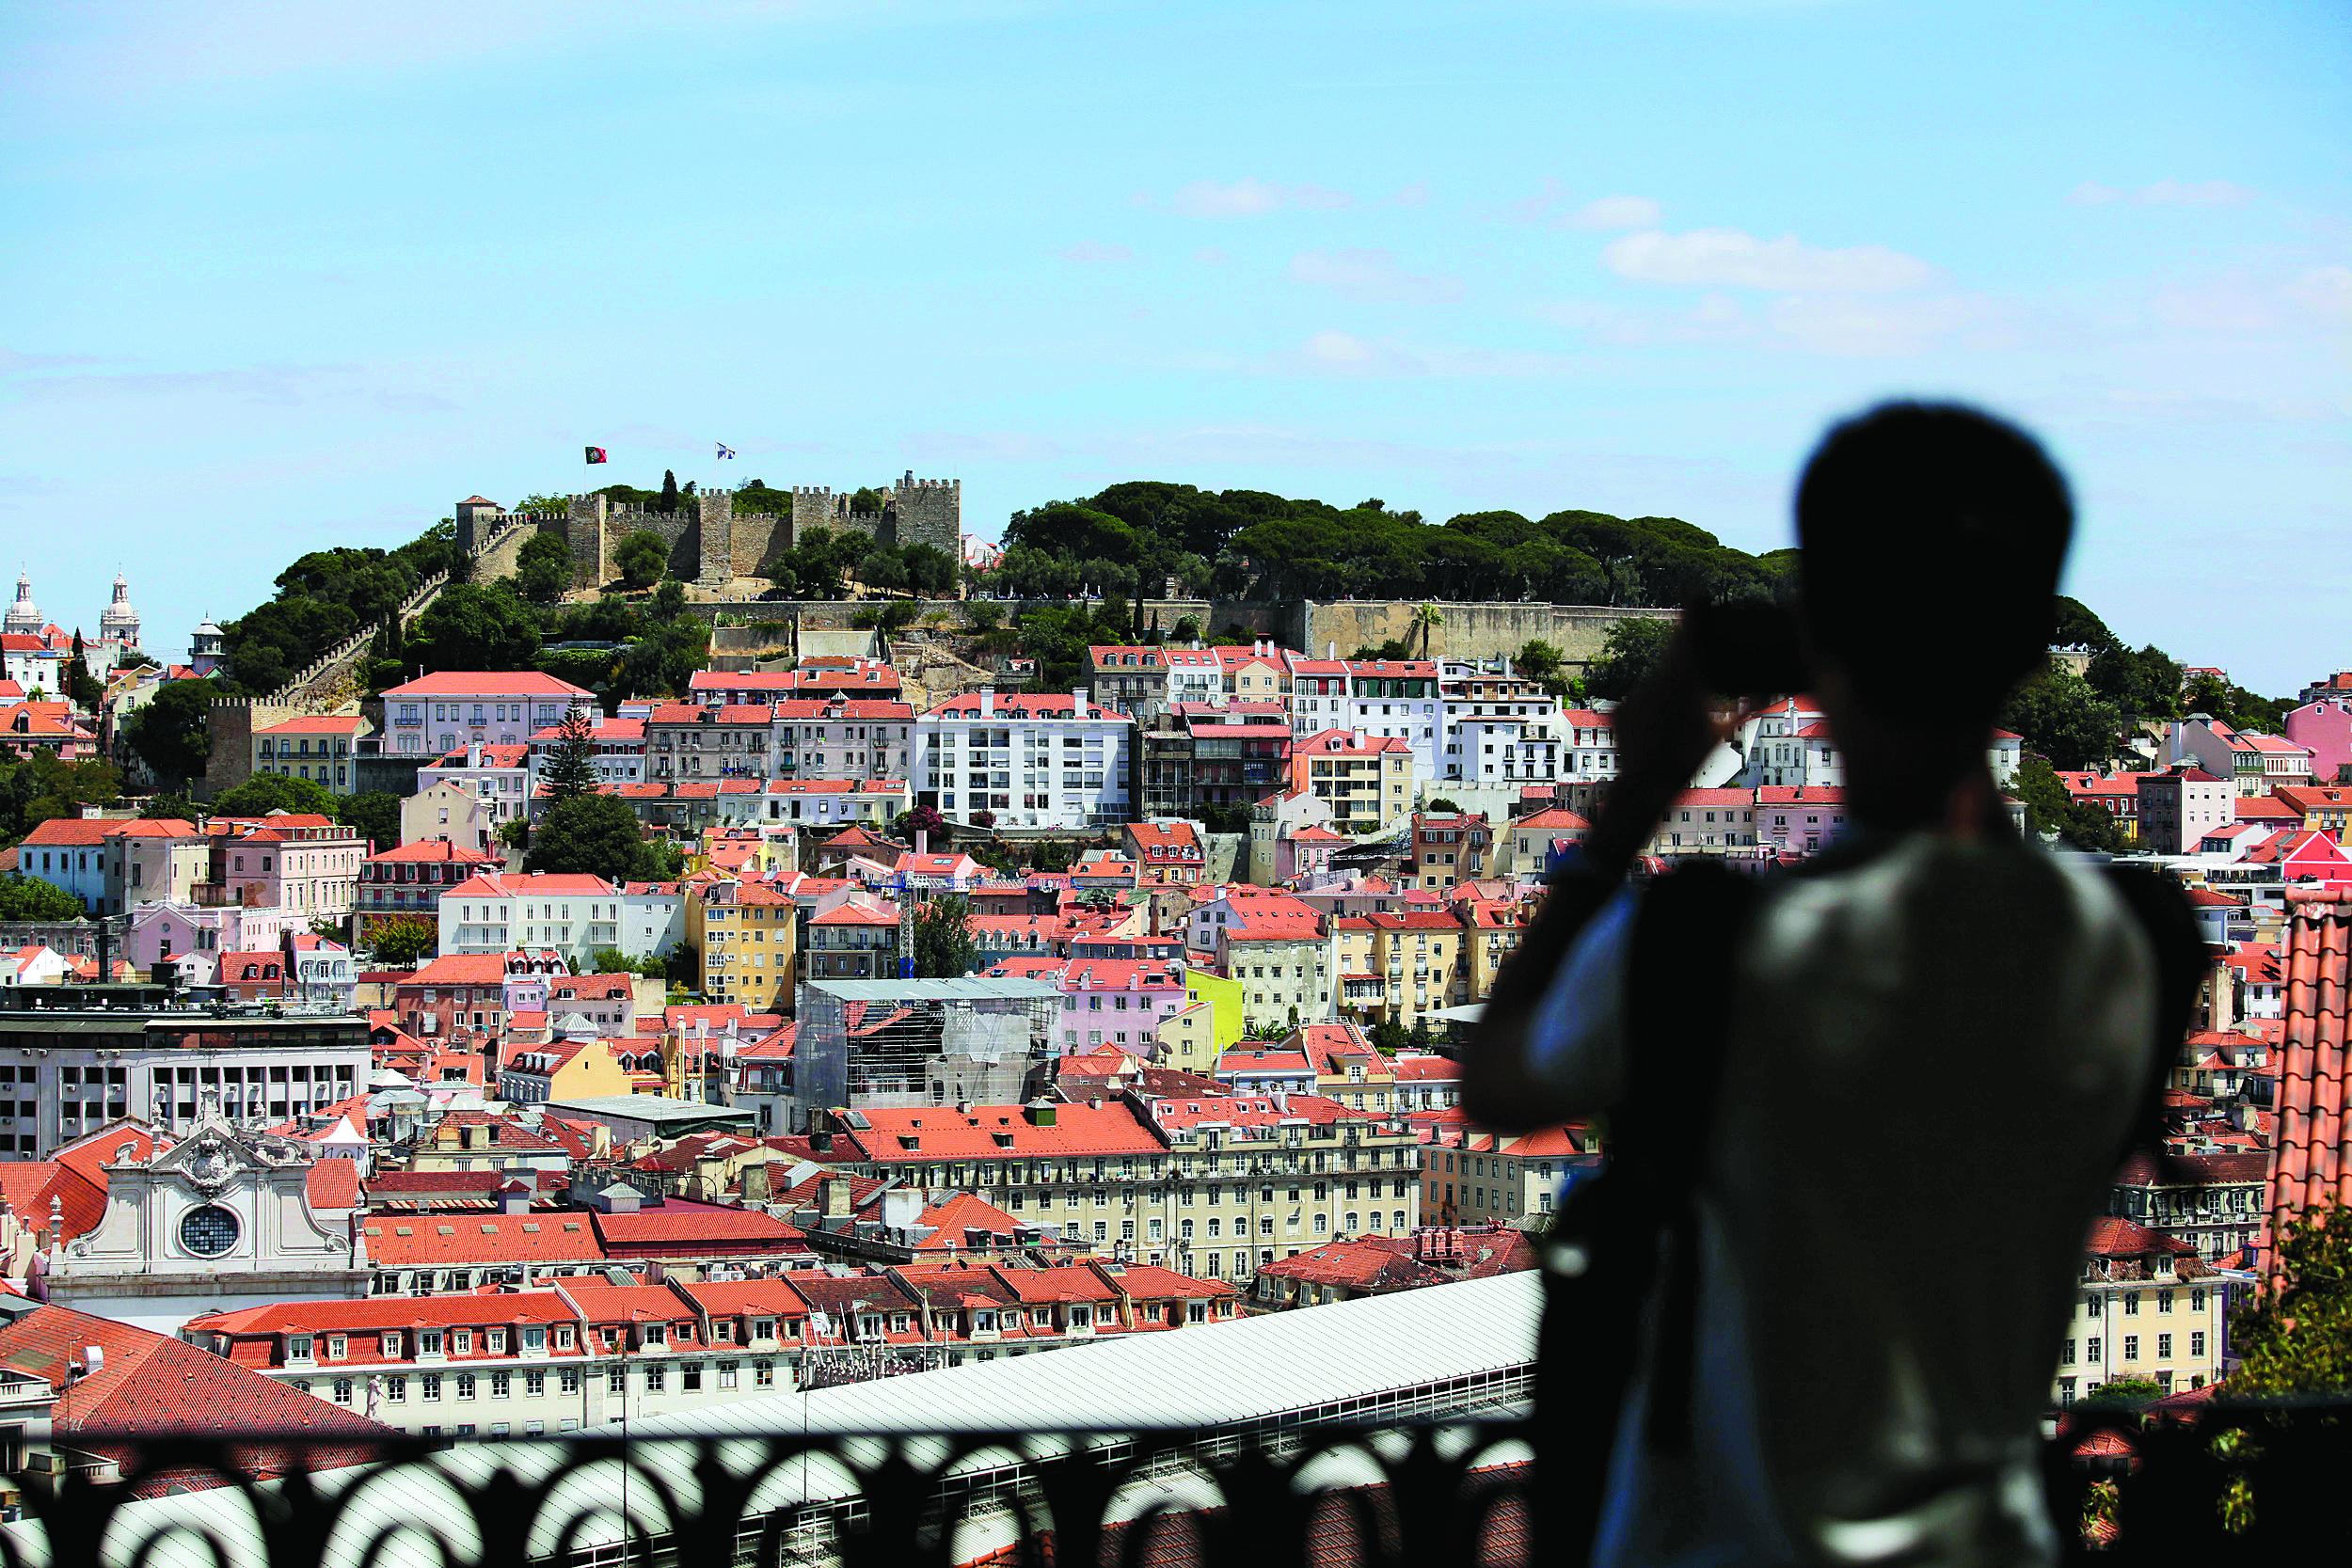 Vizinhos podem travar AirBnb? Em Lisboa sim. No Porto não